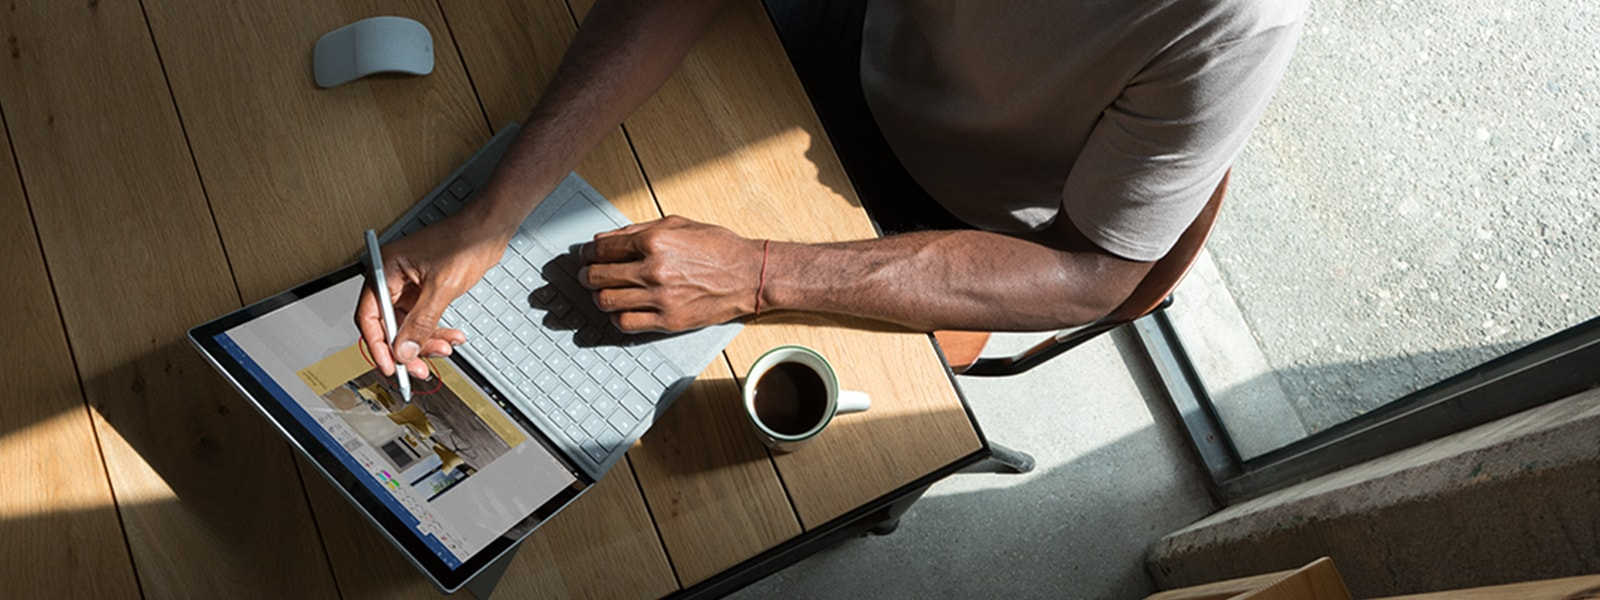 Homme qui utilise un stylet Surface sur SurfacePro dans un café.